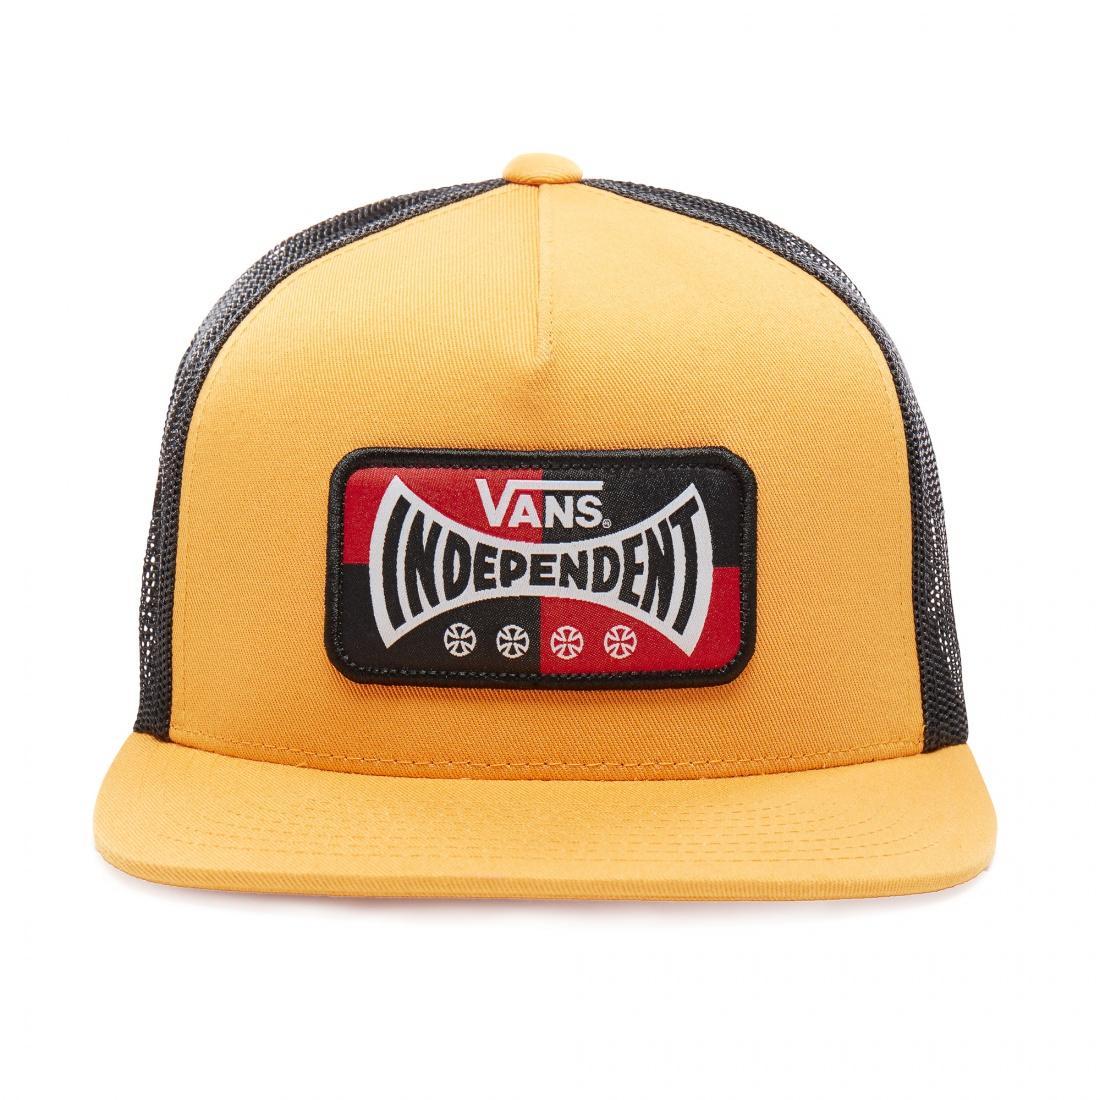 Бейсболка Vans x Independent купить в Boardshop №1